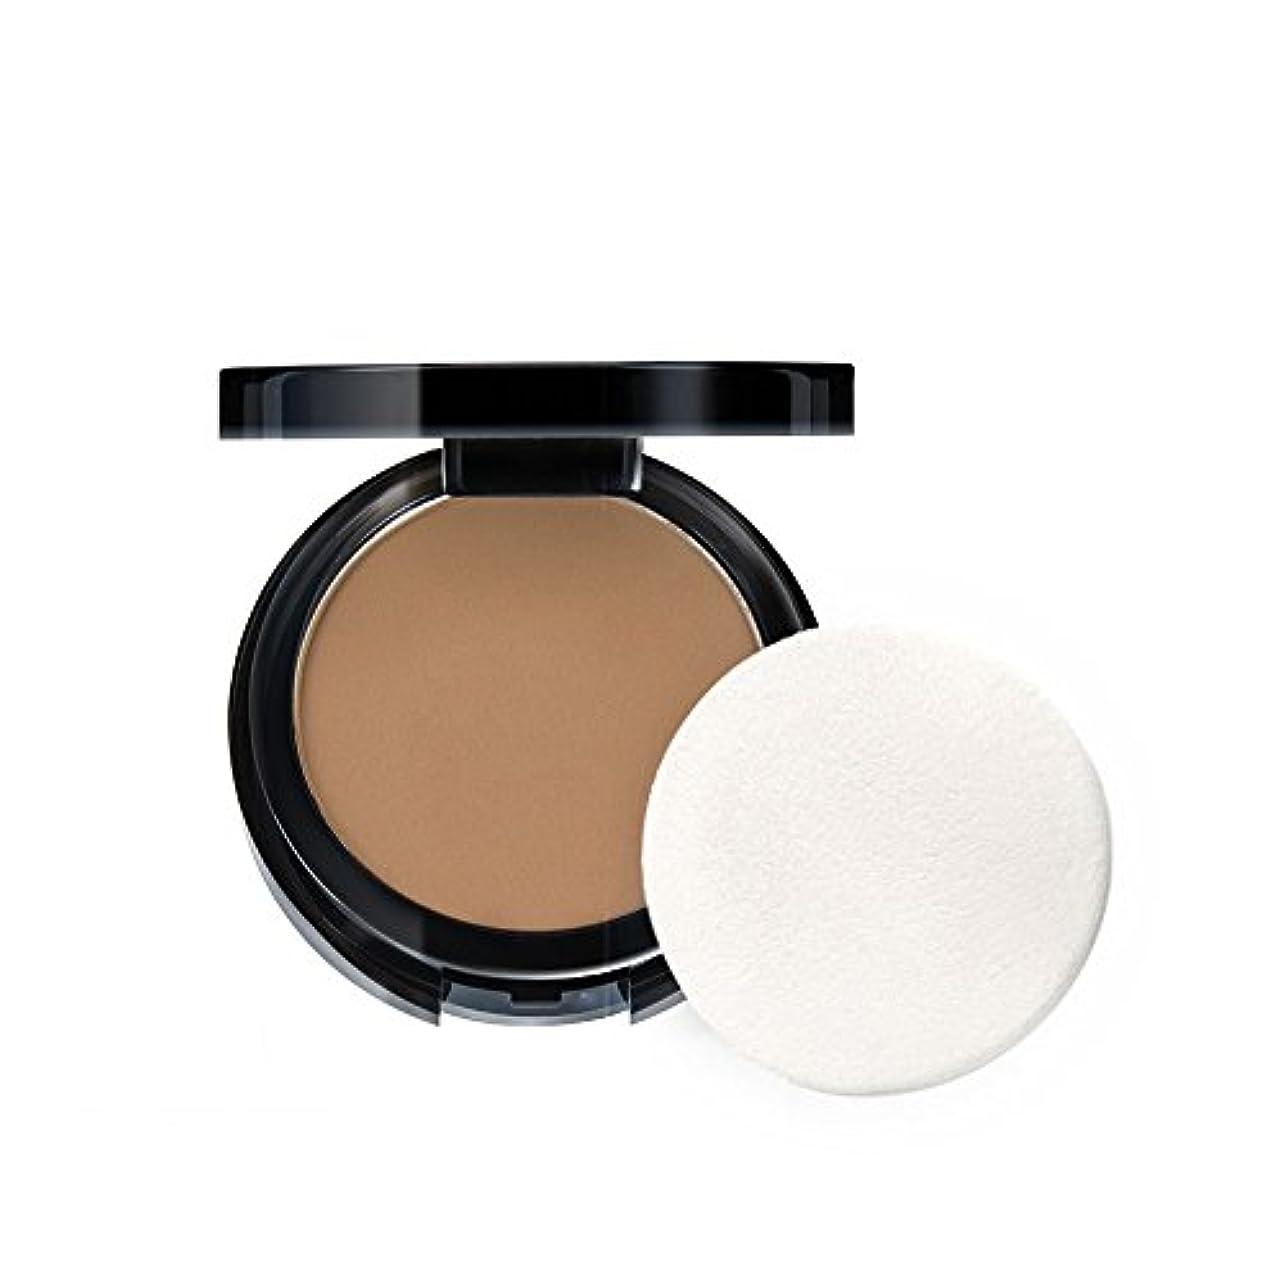 アトミック有効な入植者(3 Pack) ABSOLUTE HD Flawless Powder Foundation - Honey Beige (並行輸入品)